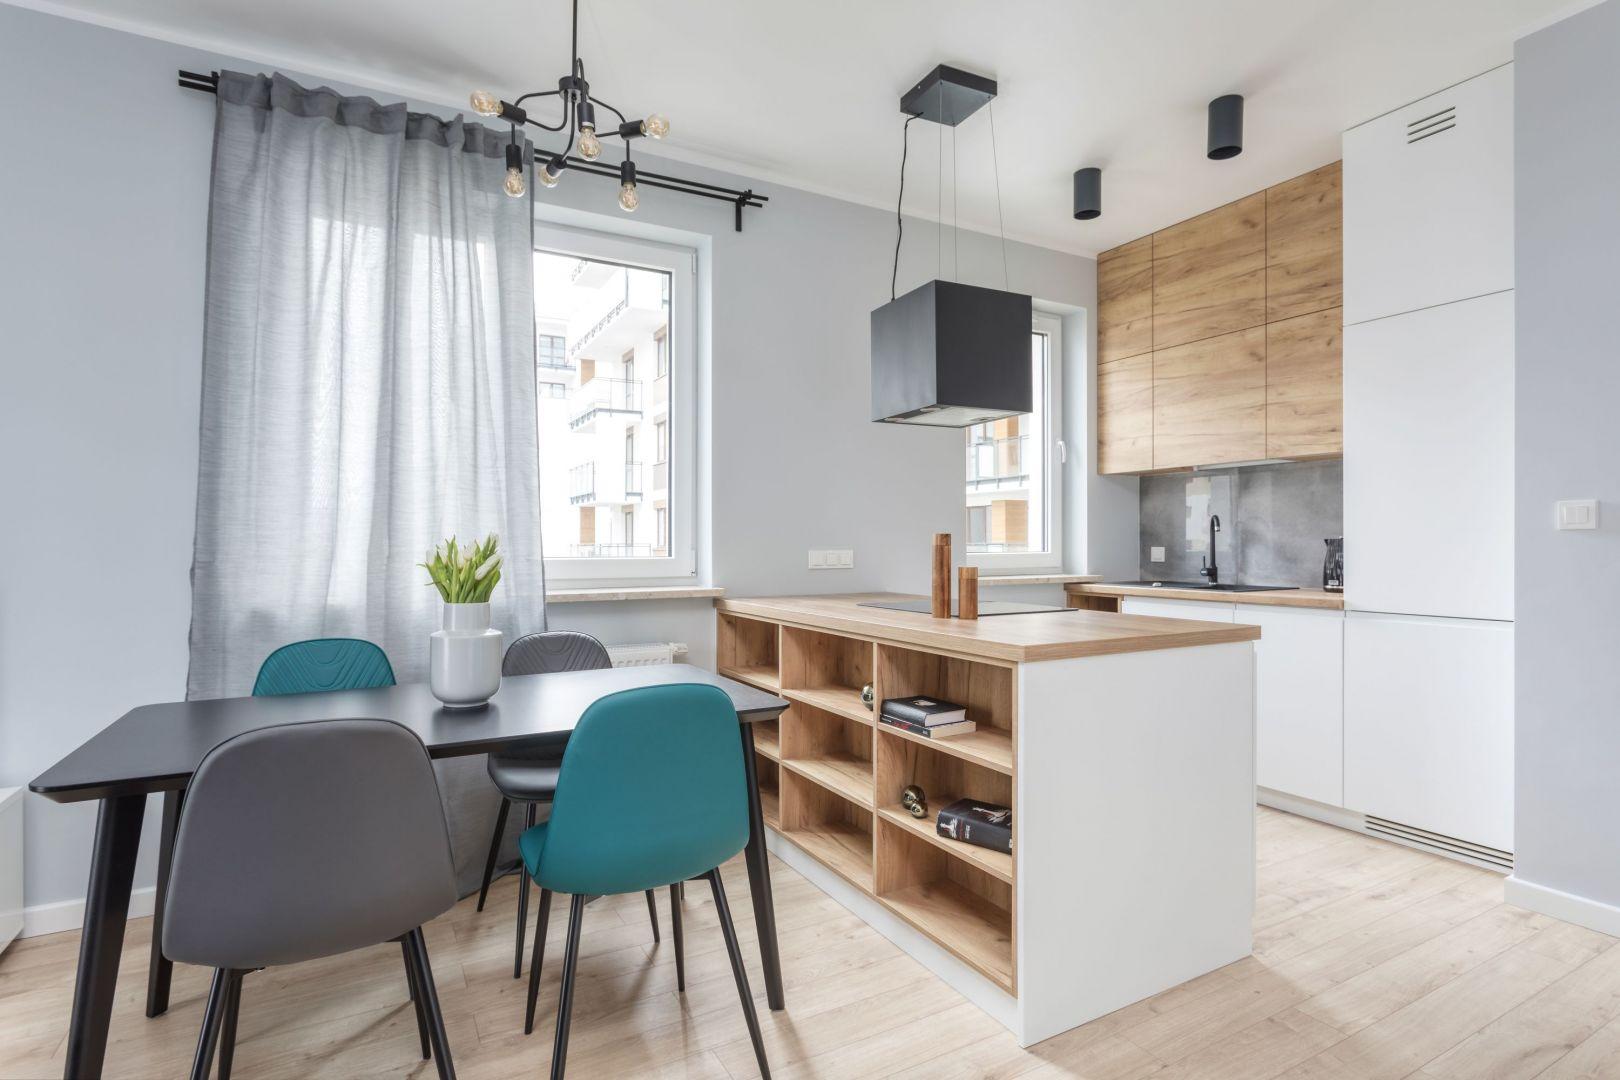 Mała kuchnia w bloku połączona z jadalnią. Projekt: Deer Design. Fot. Michał Młynarczyk